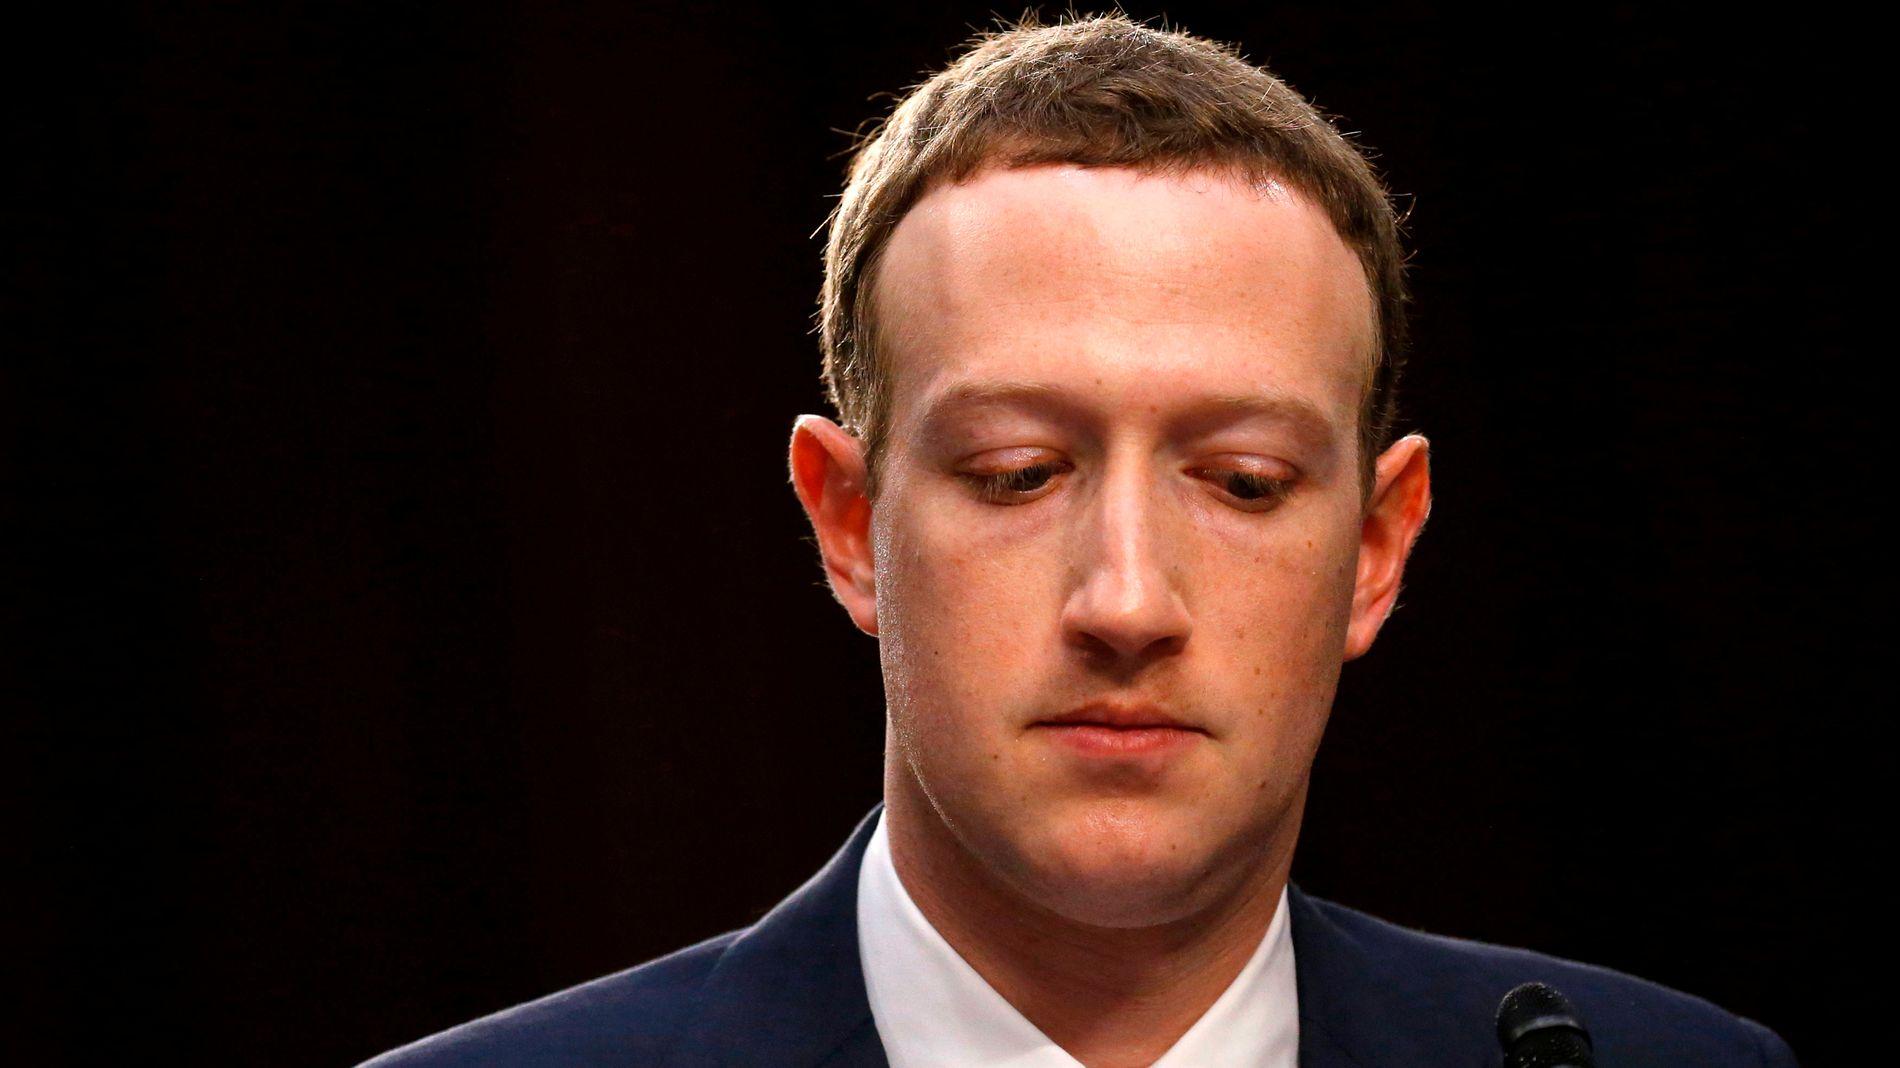 STEMTE FOR: Oljefondet stemte for et forslag på Facebooks generalforsamling om at selskapet skulle utarbeide en rapport om blant annet falske nyheter og innblanding i politiske valg, etter å ha stemt mot et lignende forslag i fjor.Det kommer frem på fondets egne nettsider. Dette er Facebooks grunnlegger og konsernsjef, Mark Zuckerberg.